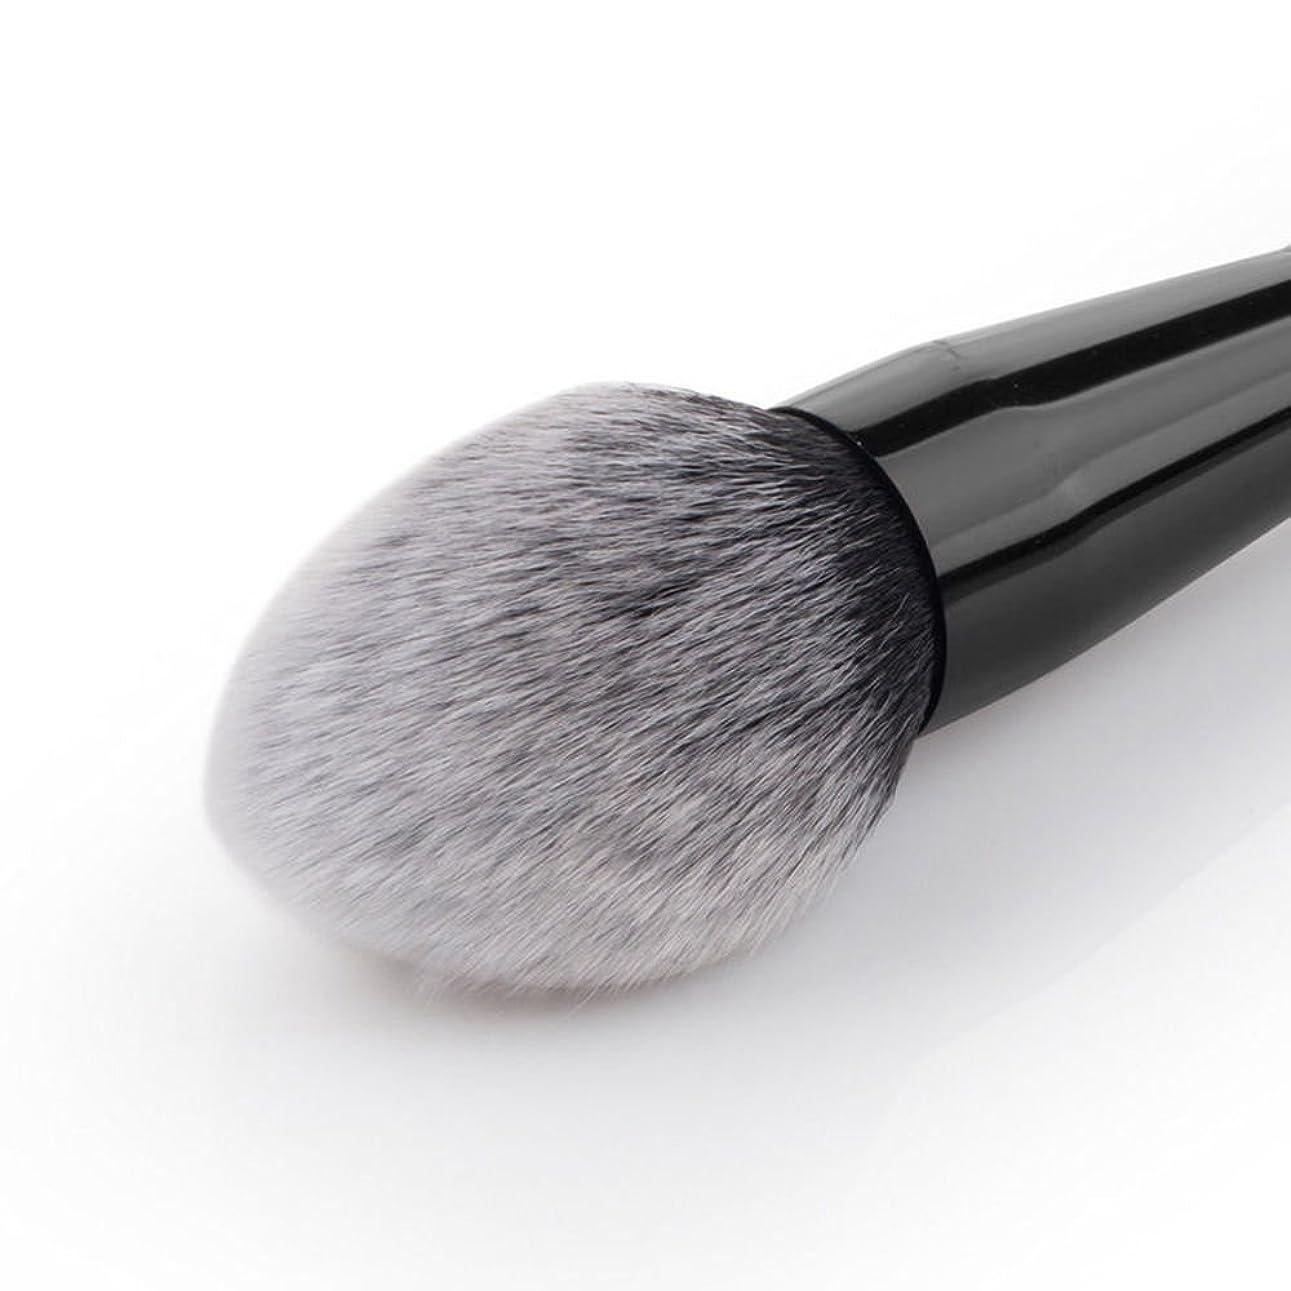 恵み同一性側FidgetGear 大きく柔らかい粉の大きい赤面炎のブラシの基礎は用具の美の化粧品を構成します